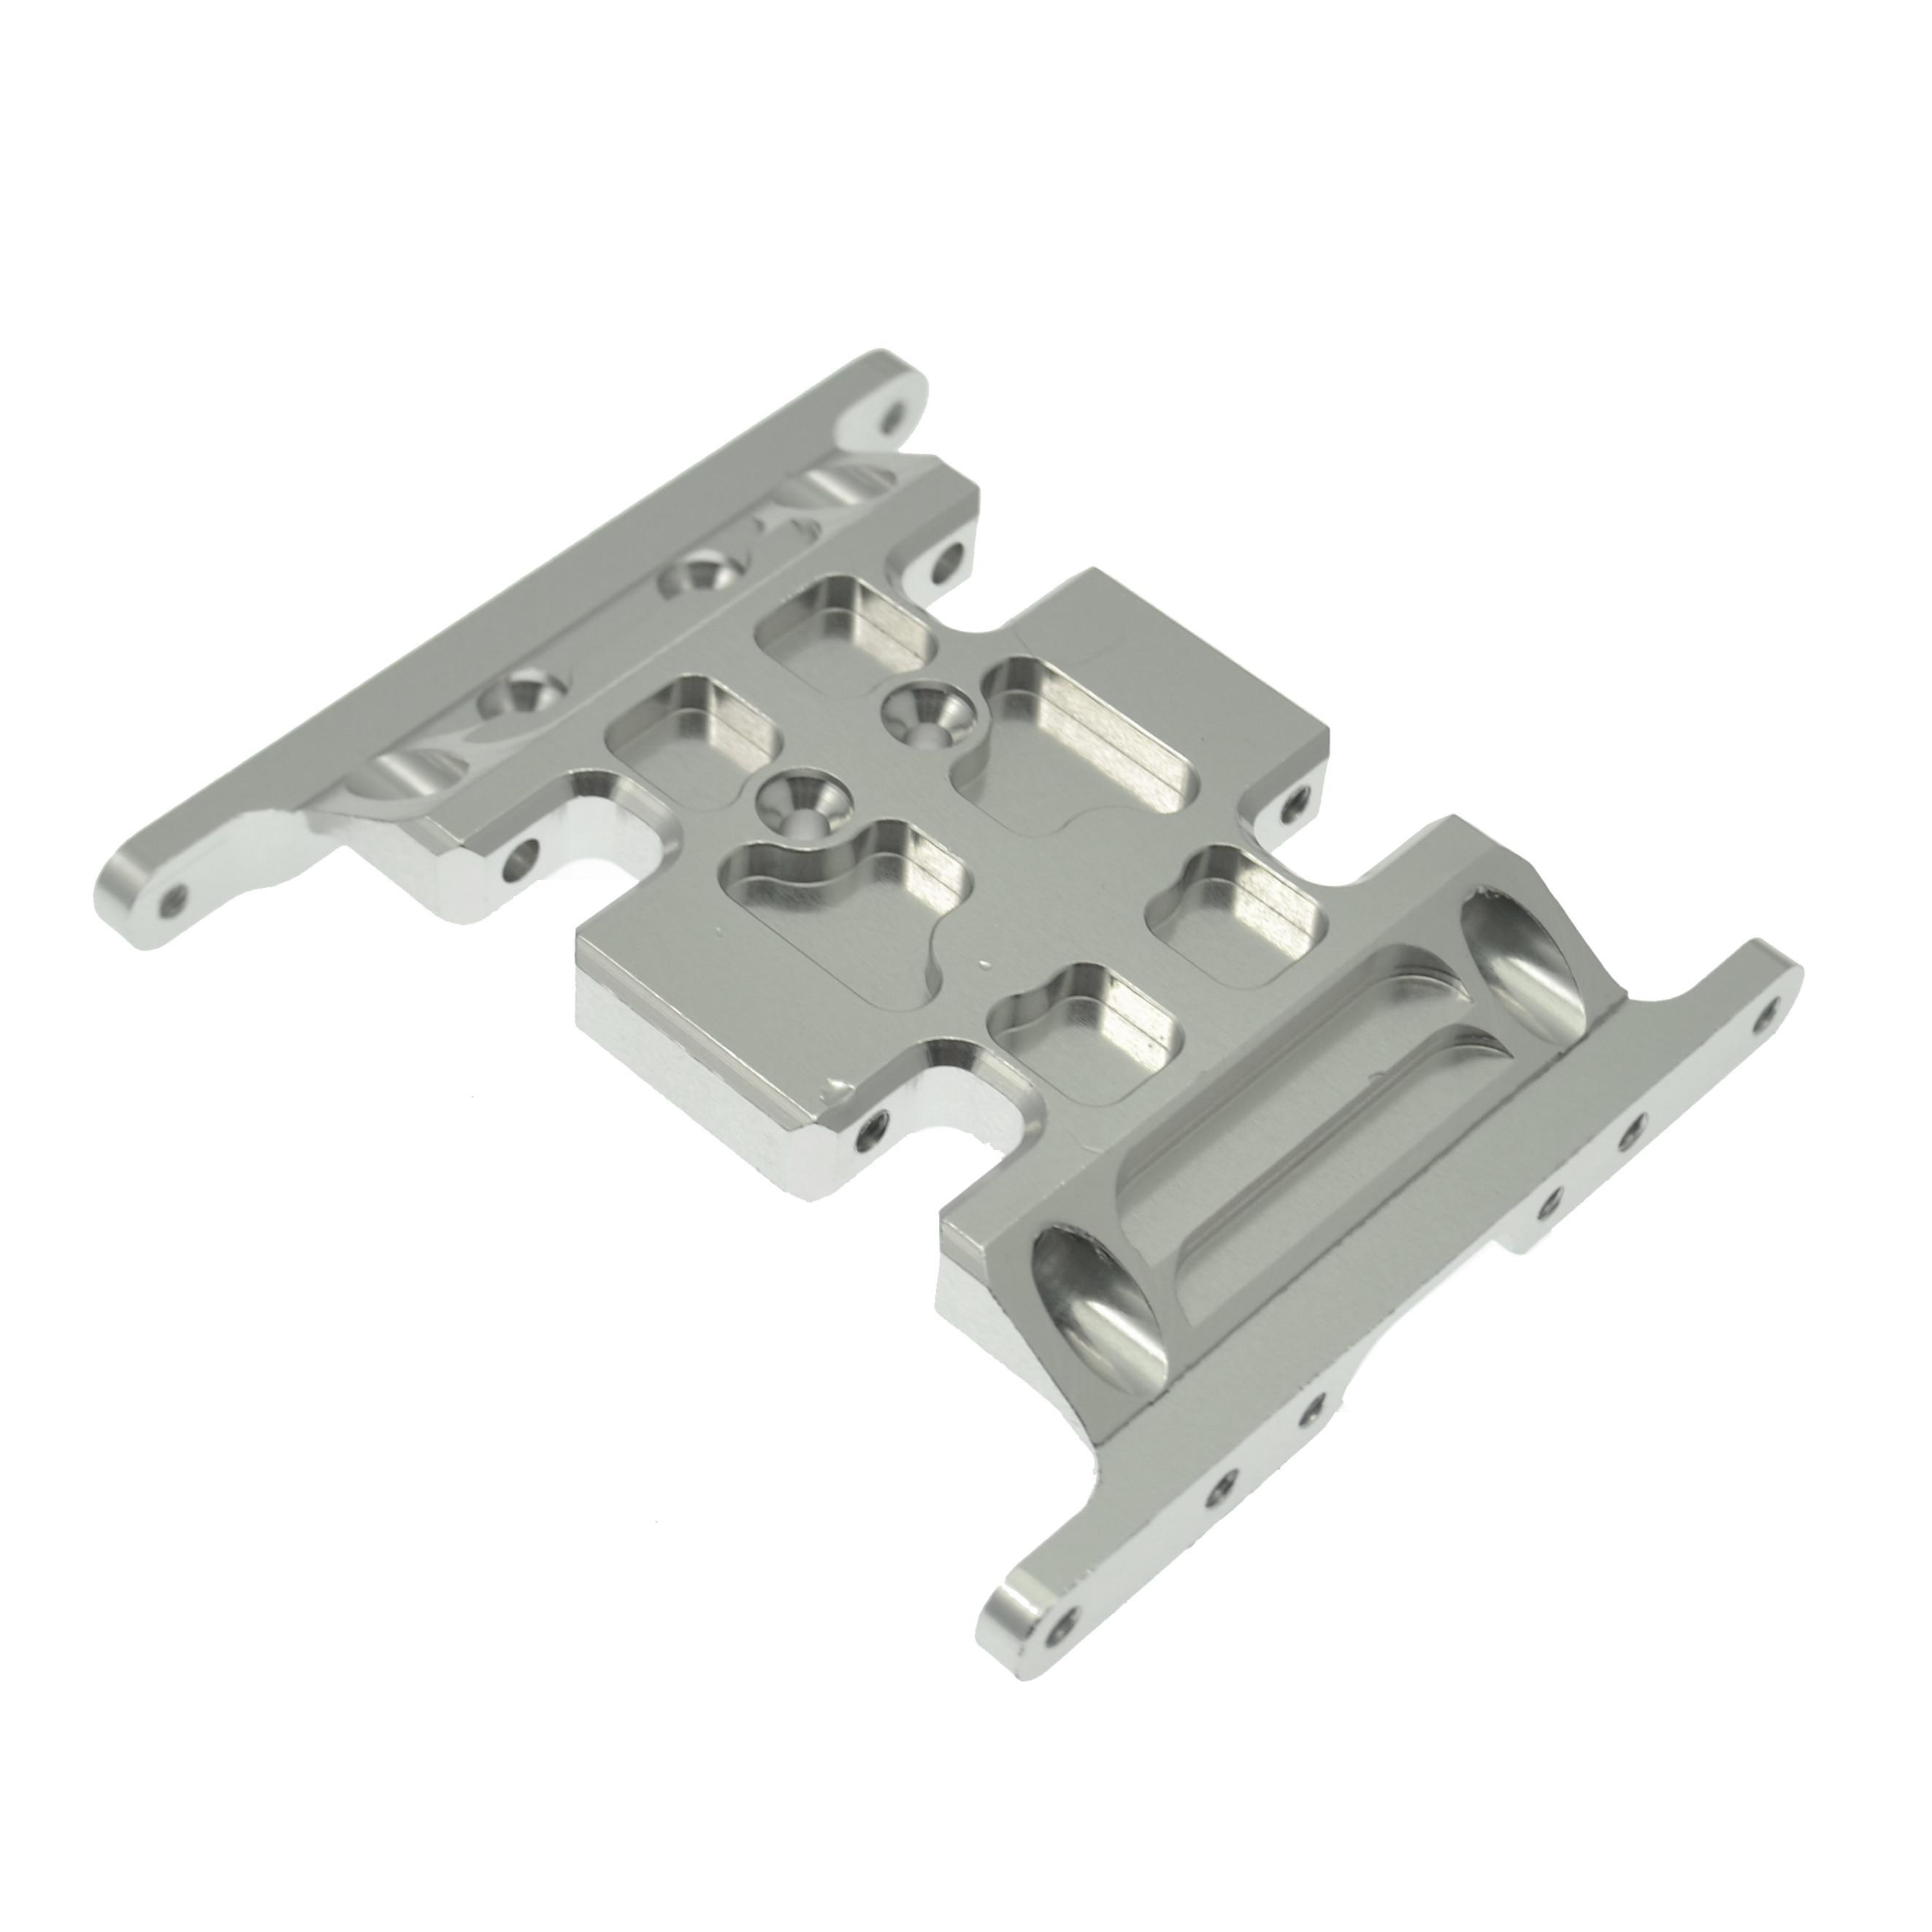 Aluminum Alloy Metall Geschwindigkeit-Center Skid Plate Für 1:10 RC Axial SCX10